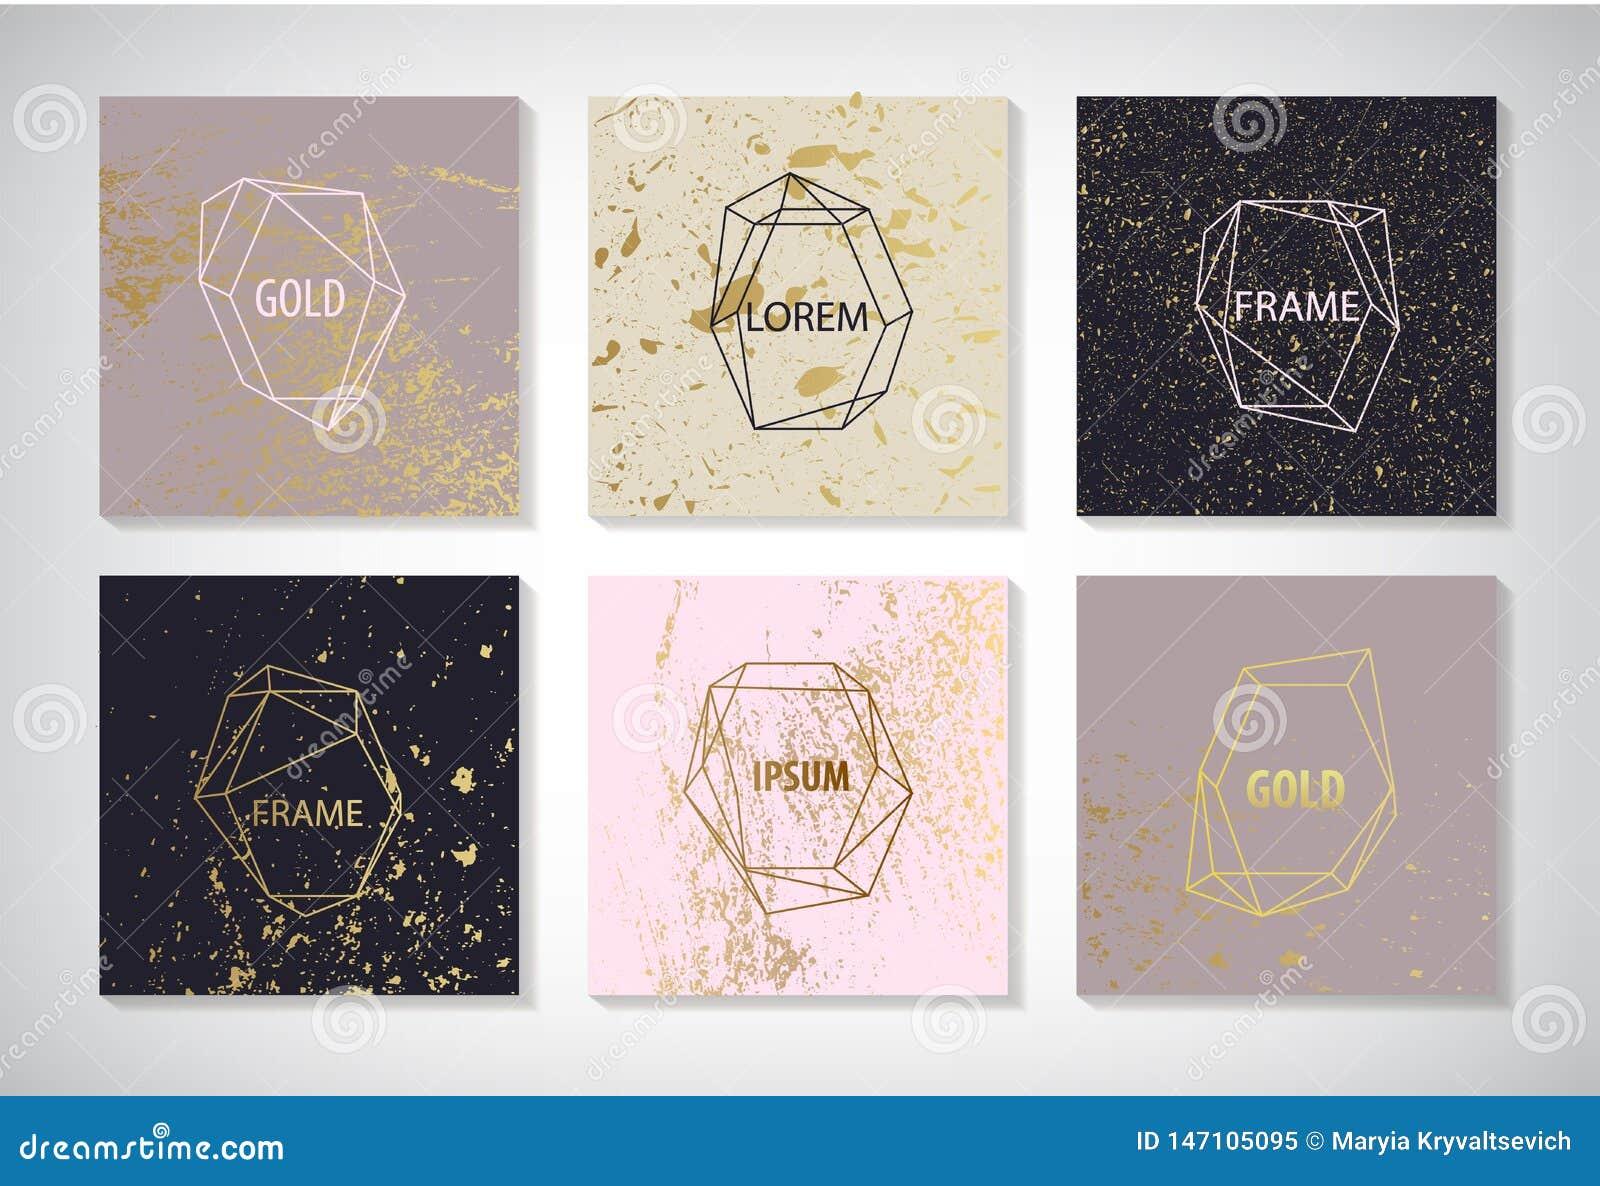 Vektorsatz der Linie goldene Rahmen, Karten mit Beschaffenheit Hochzeitseinladung außer dem Datumskartenentwurf mit eleganter Fol